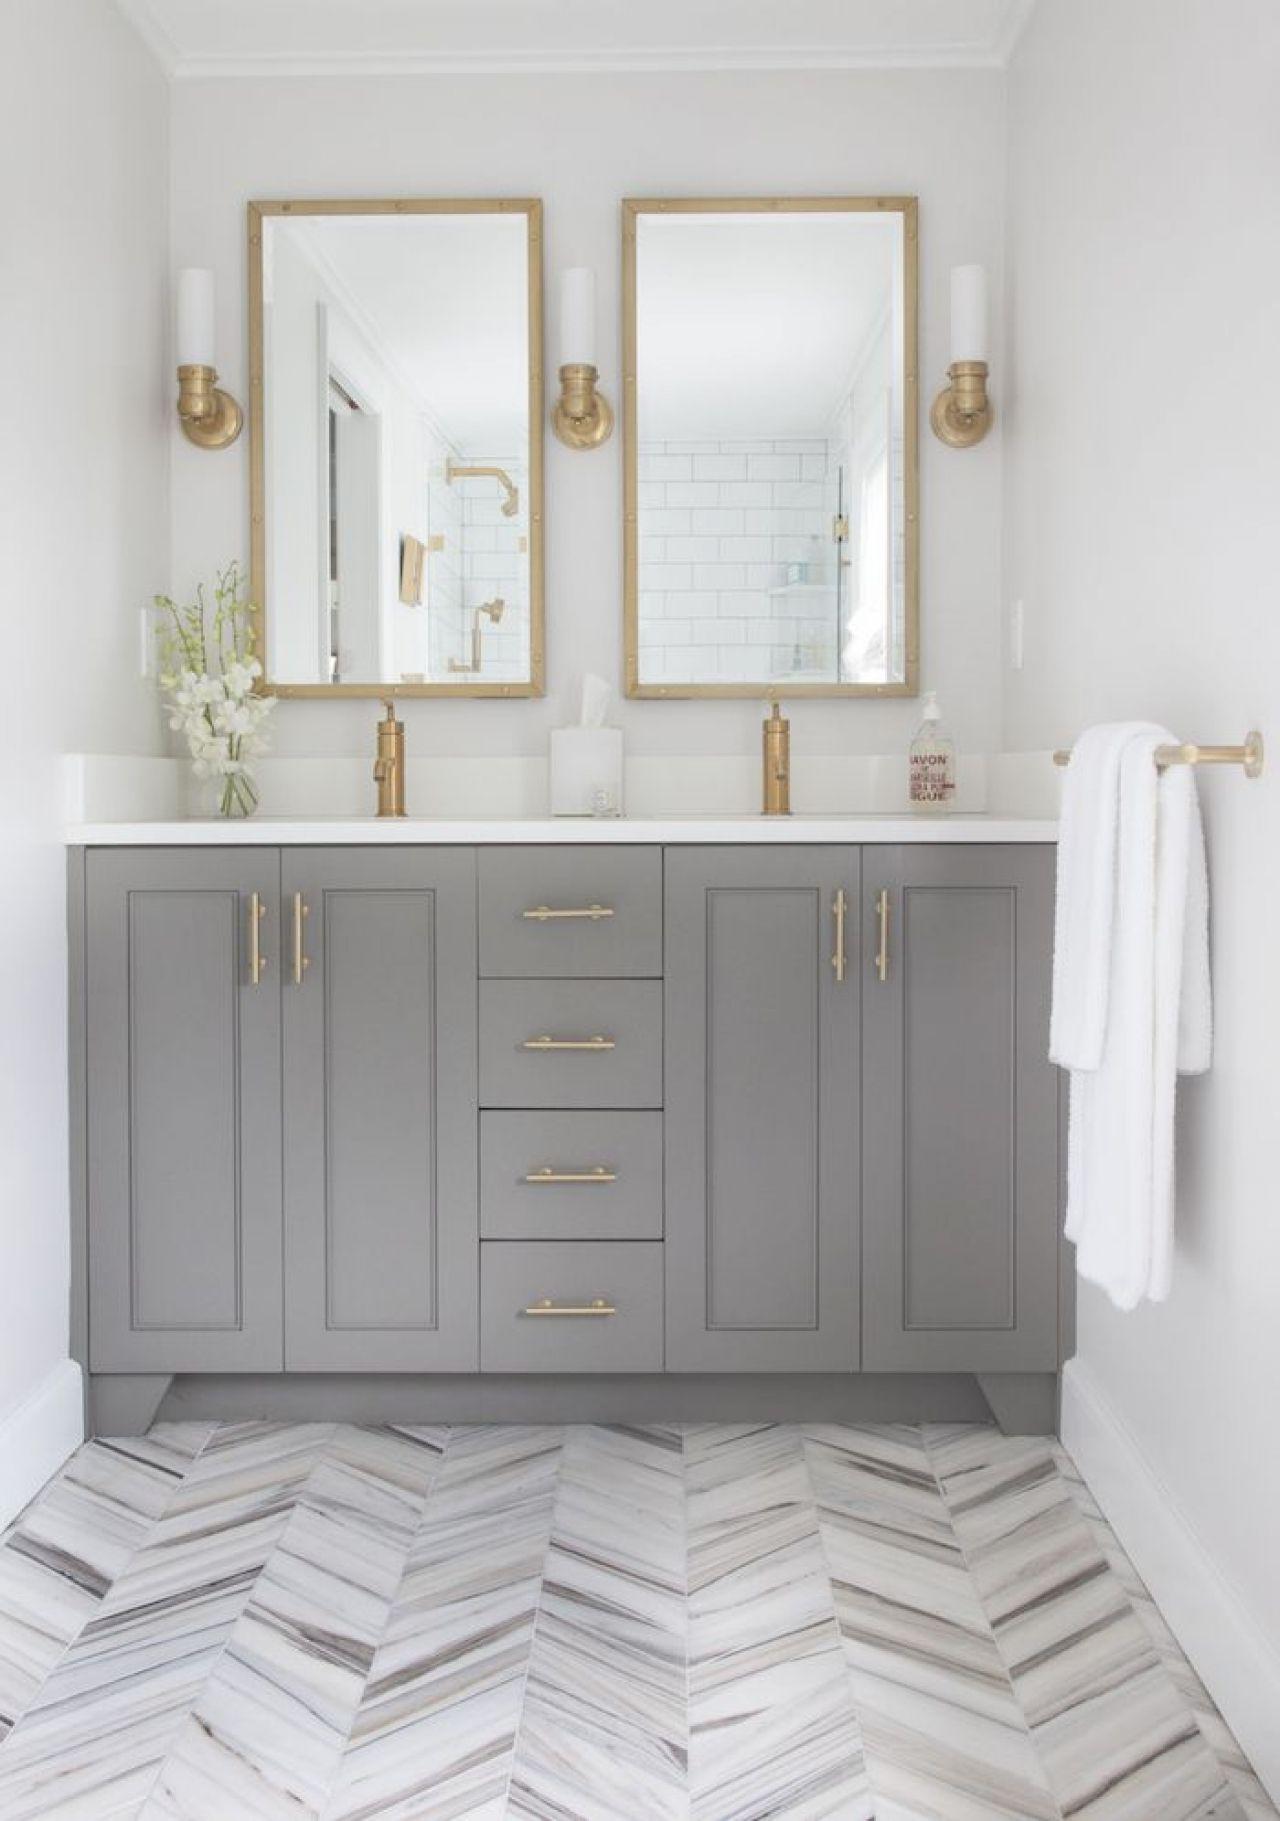 Gợi ý 10 cách thiết kế spa tại nhà giúp nâng tầm không gian phòng tắm - Ảnh 1.